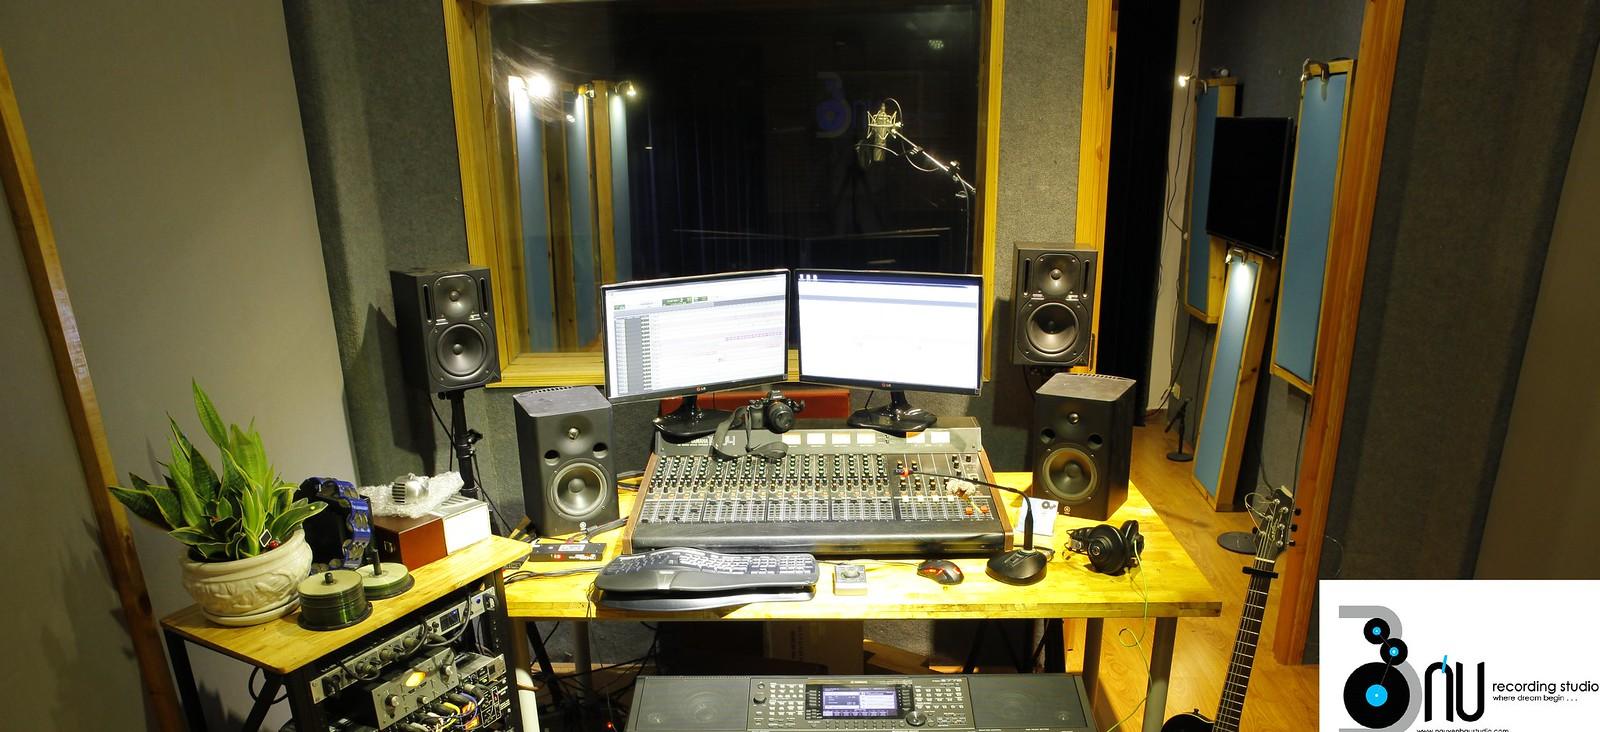 Phong thu am lớn và phòng thu âm nhỏ 1600